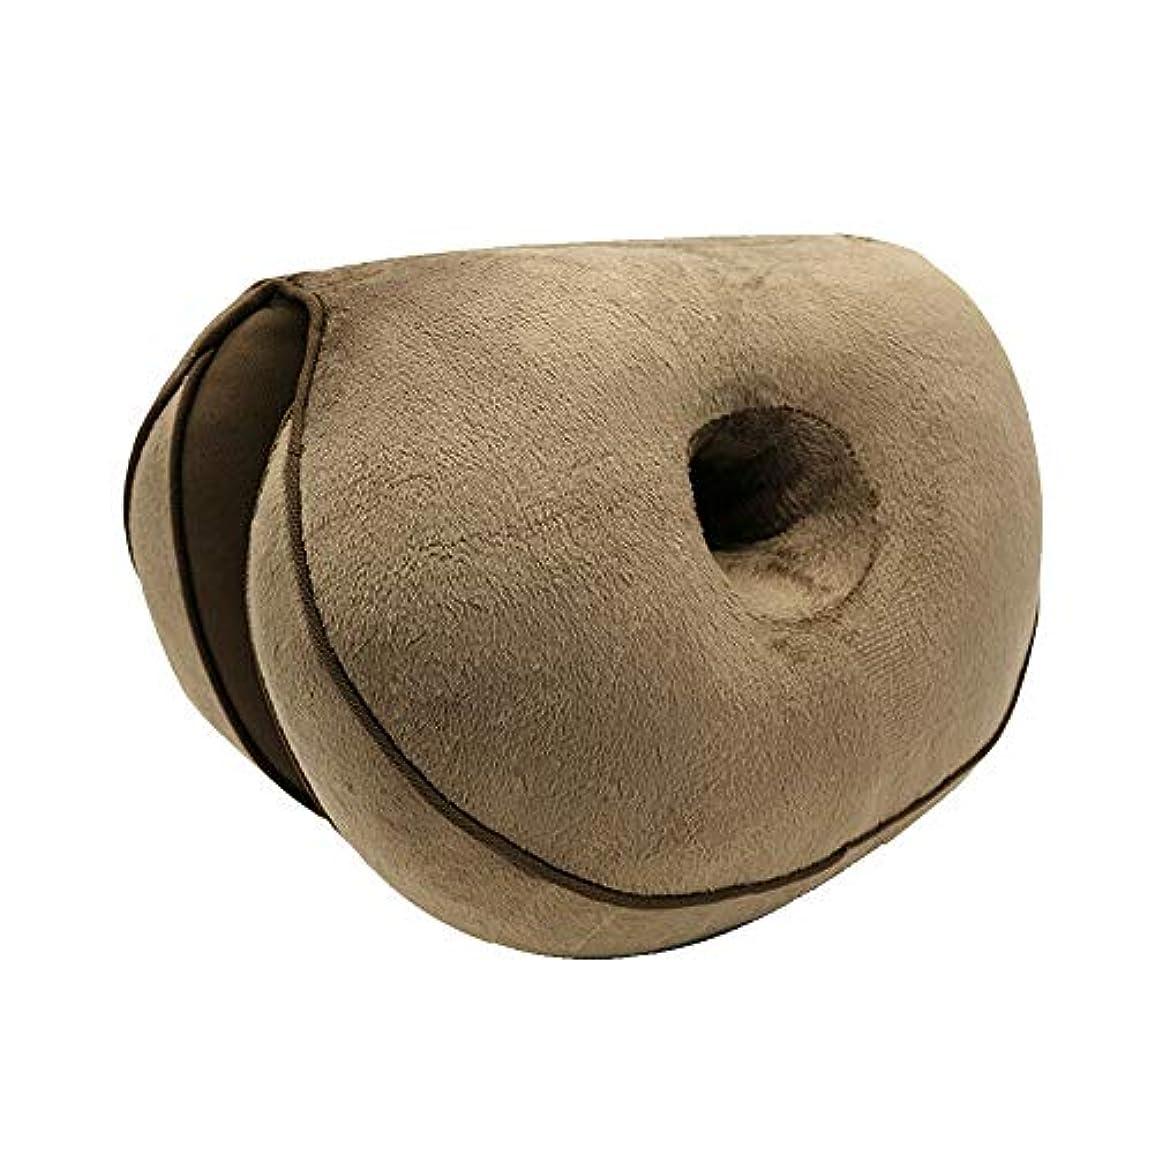 ほんの鼓舞するガロンLIFE 新デュアルシートクッション低反発ラテックスオフィスチェアバックシートクッション快適な臀部マットパッド枕旅行枕女性女の子 クッション 椅子